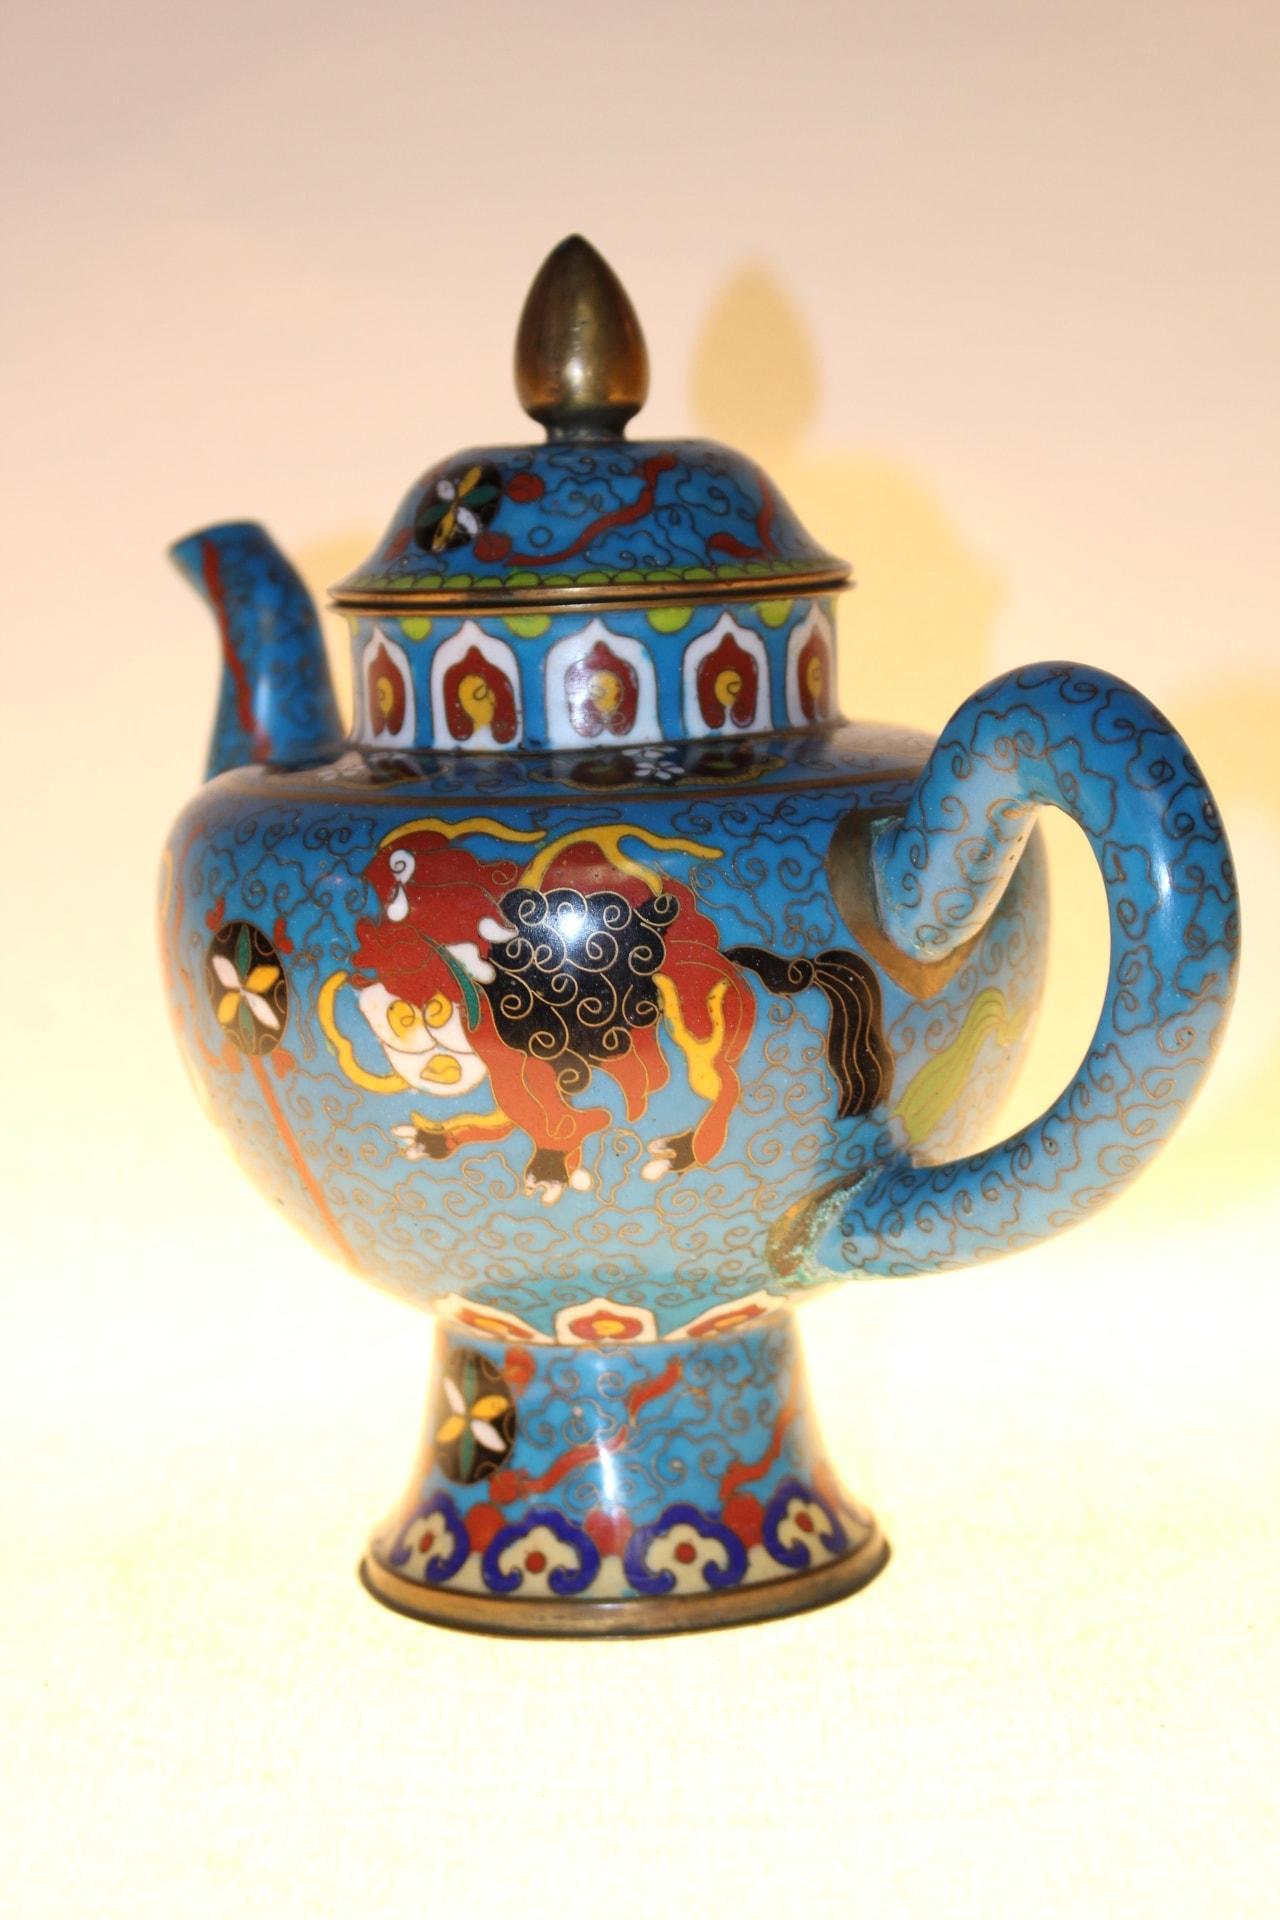 chinesische teekanne aus cloisonn 19cm zu kaufen auf asian. Black Bedroom Furniture Sets. Home Design Ideas